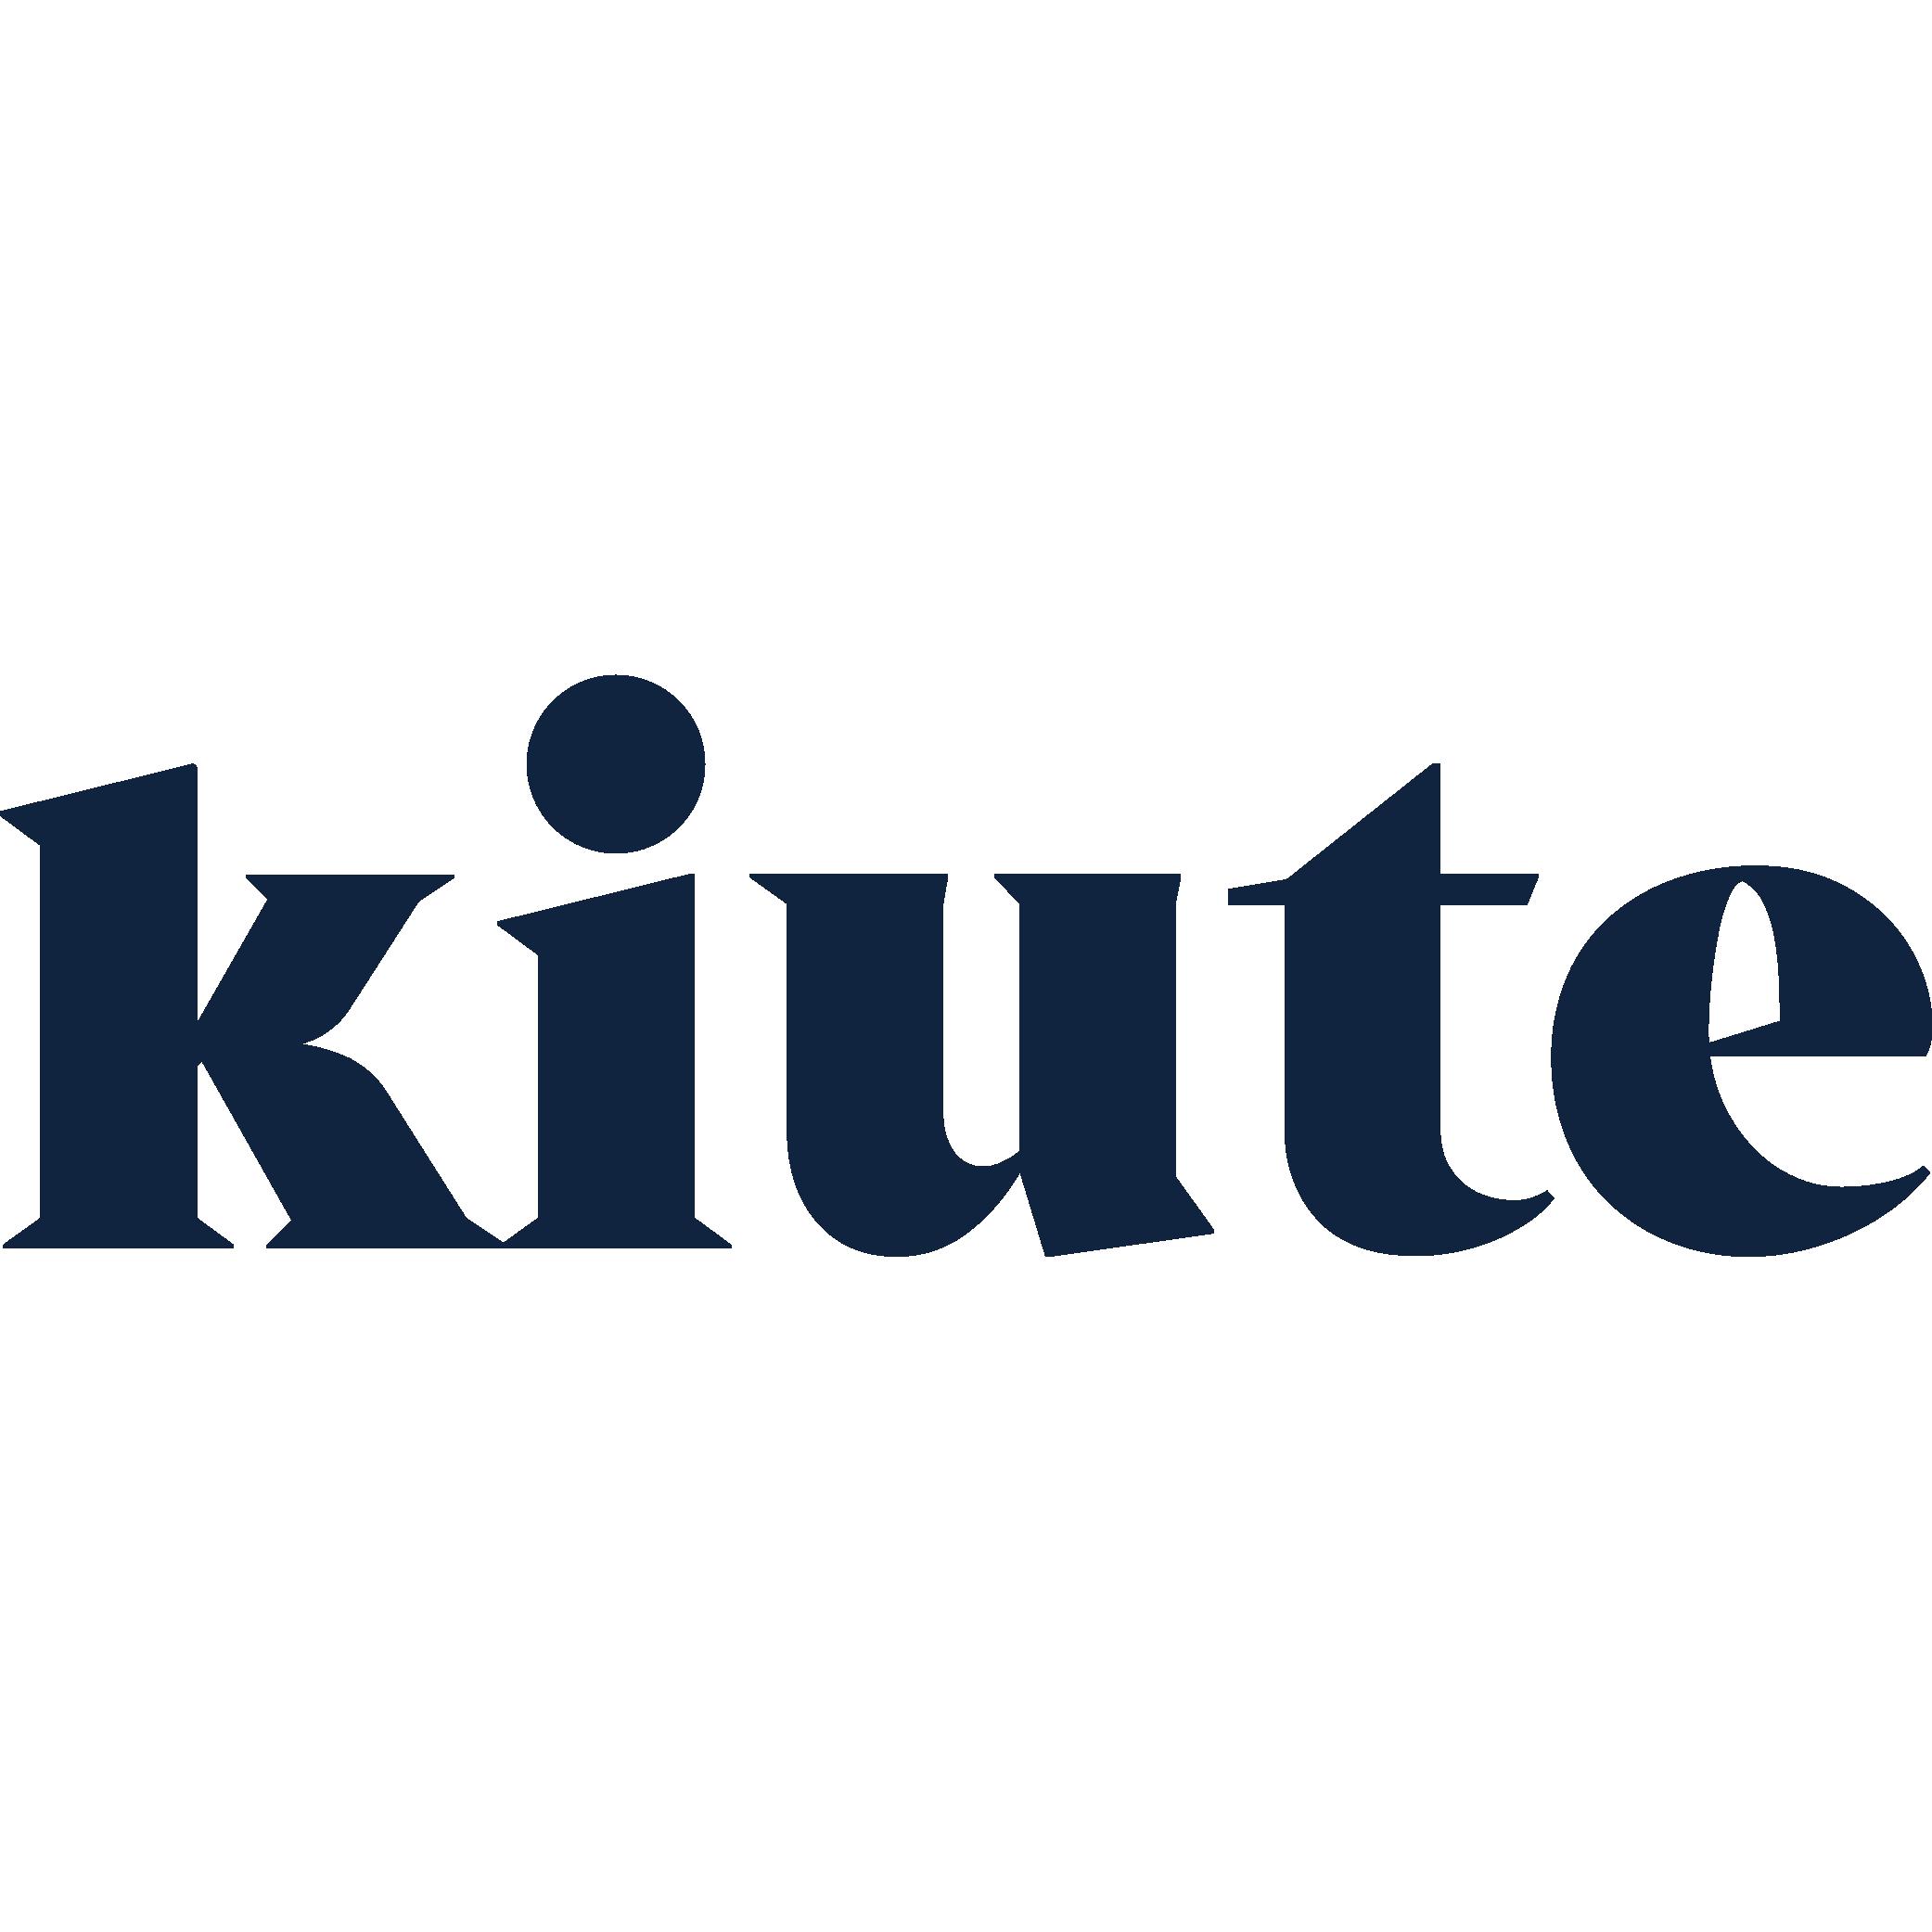 Kiute logo